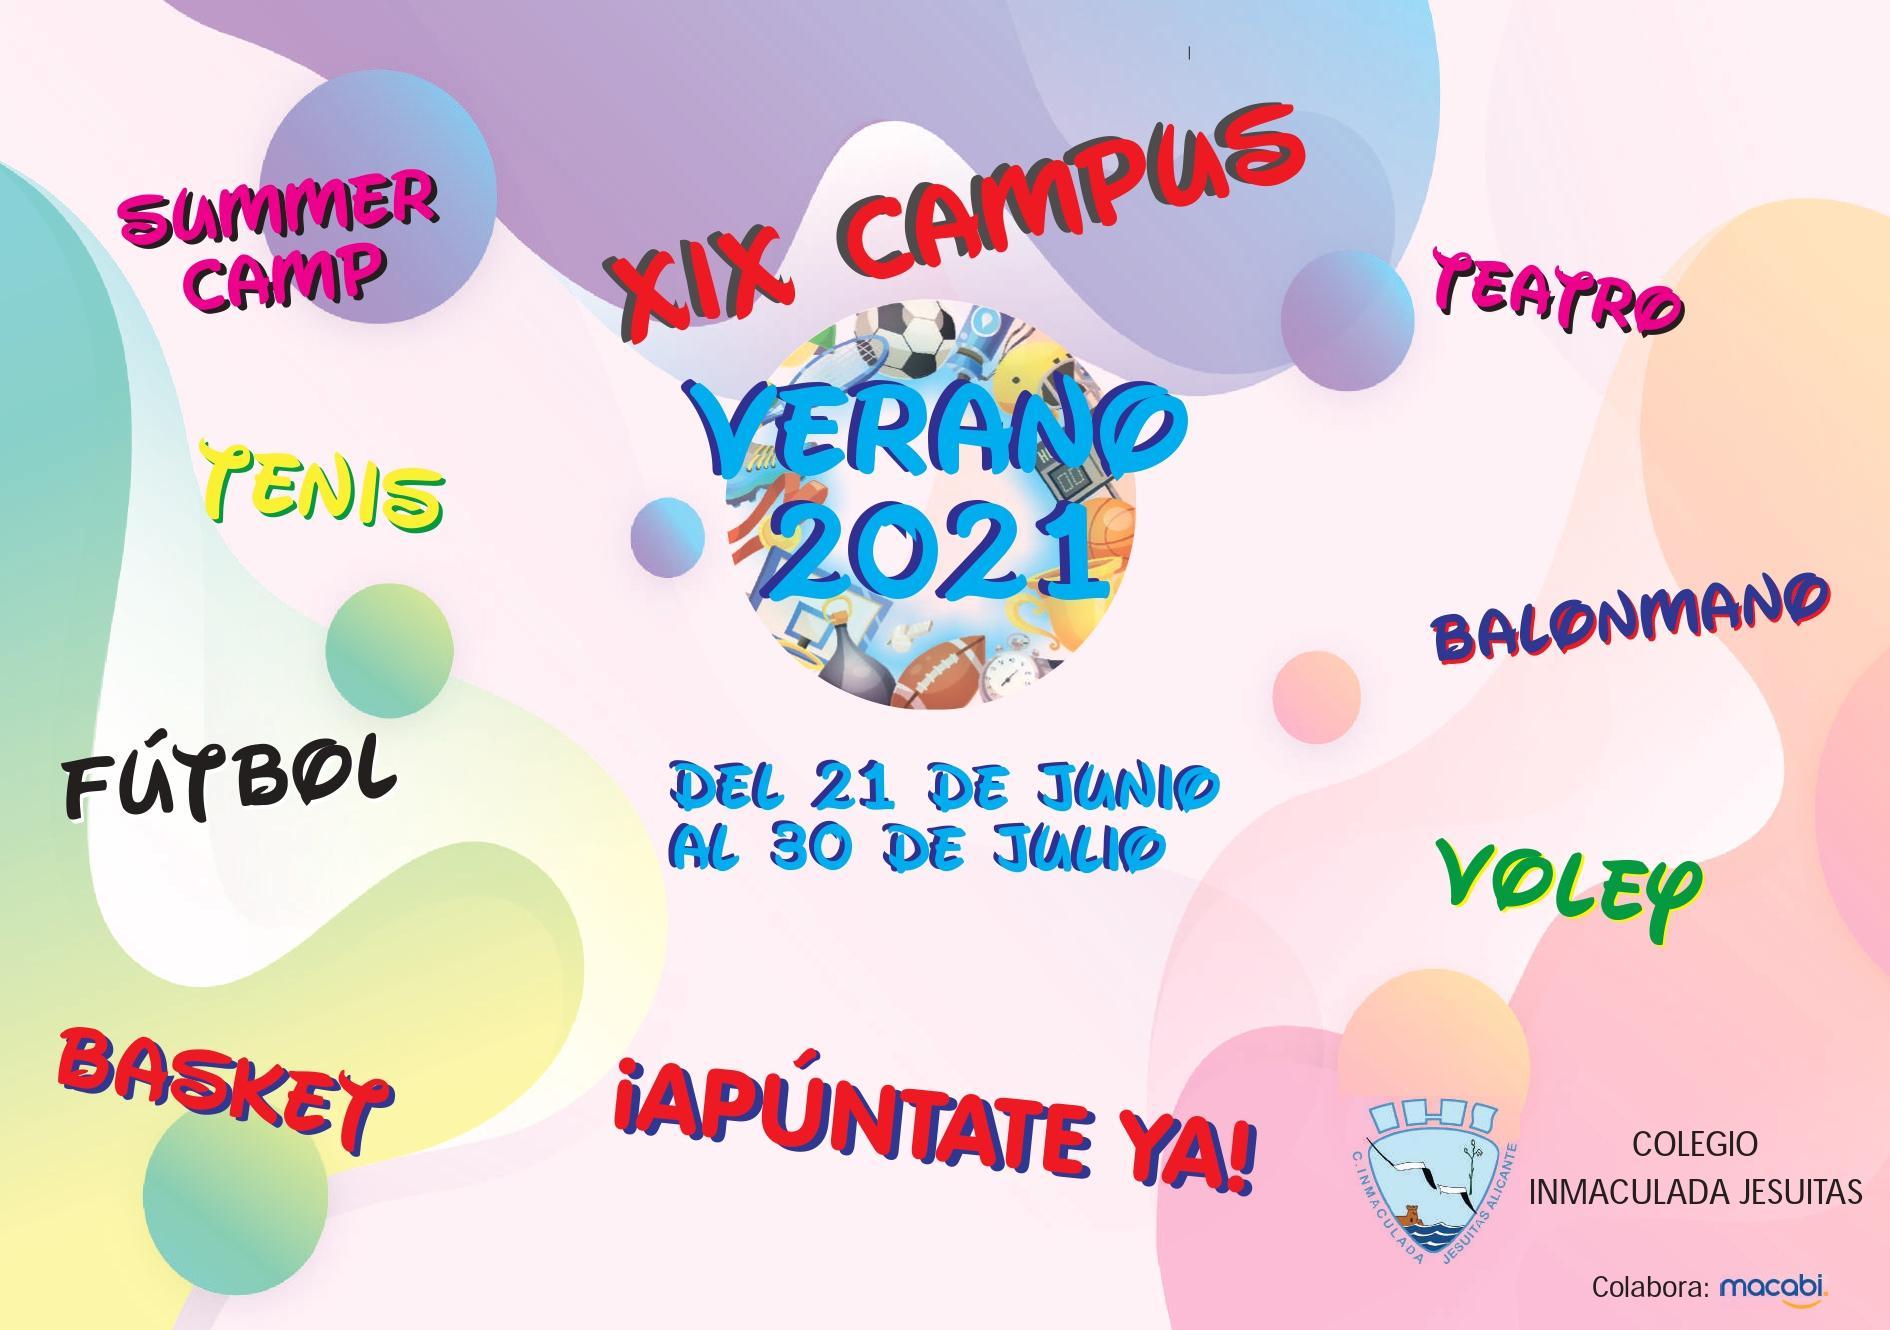 Campus de verano del colegio